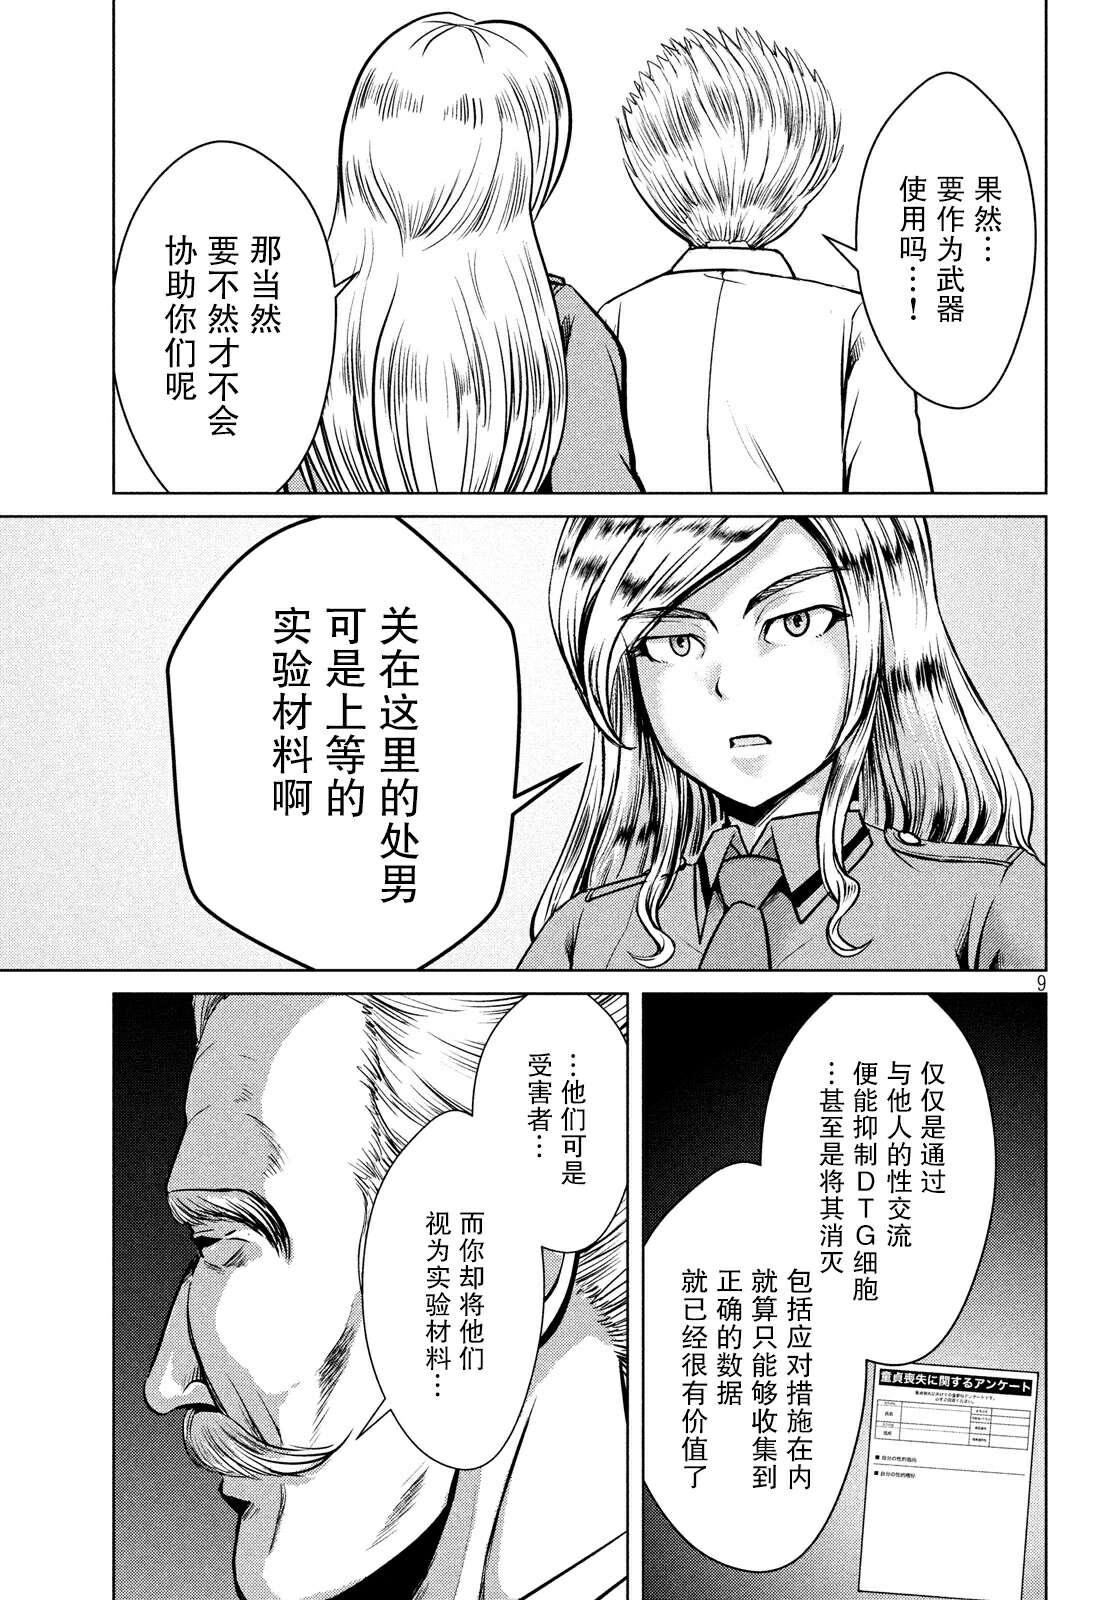 【漫画更新】童贞灭绝列岛016